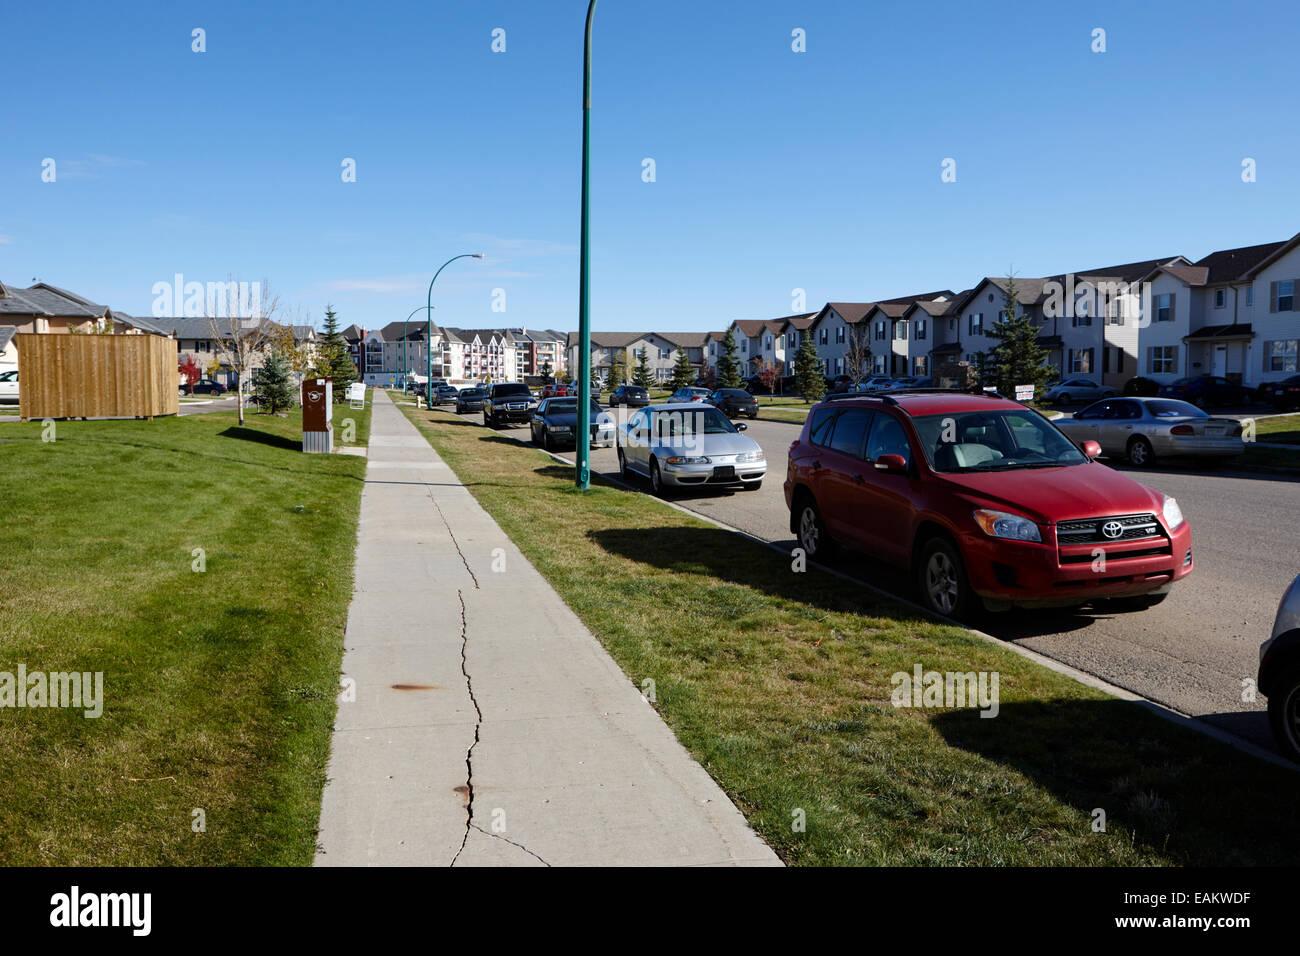 leere Bürgersteig in ruhigen Vorort Viertel Saskatoon, Saskatchewan, Kanada Stockbild